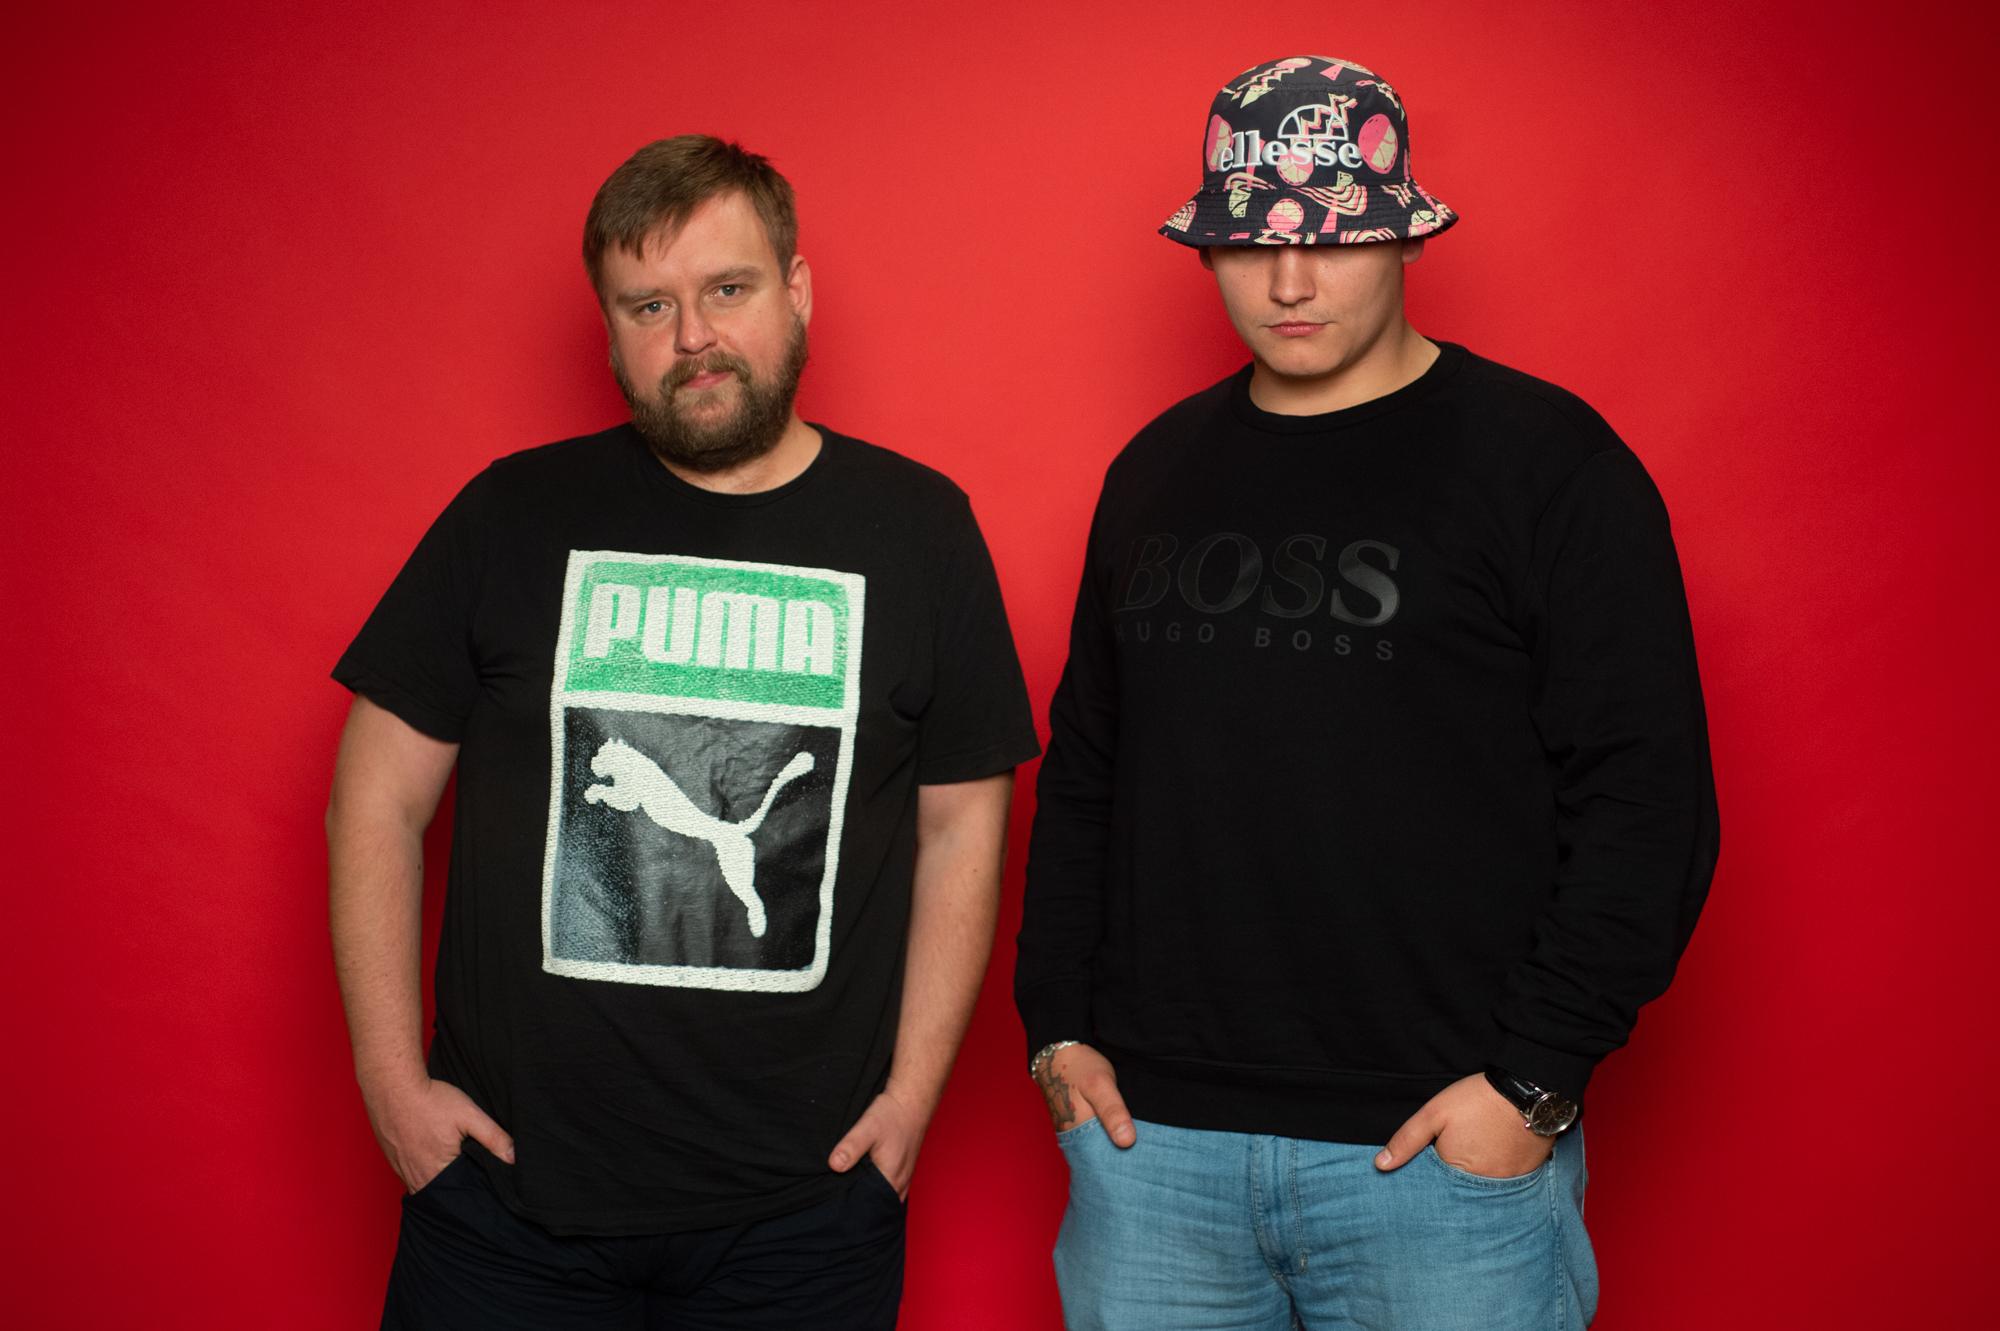 """Frosti Rege: """"Drugą płytę robiłem bardziej świadomie"""" - CGM.pl"""